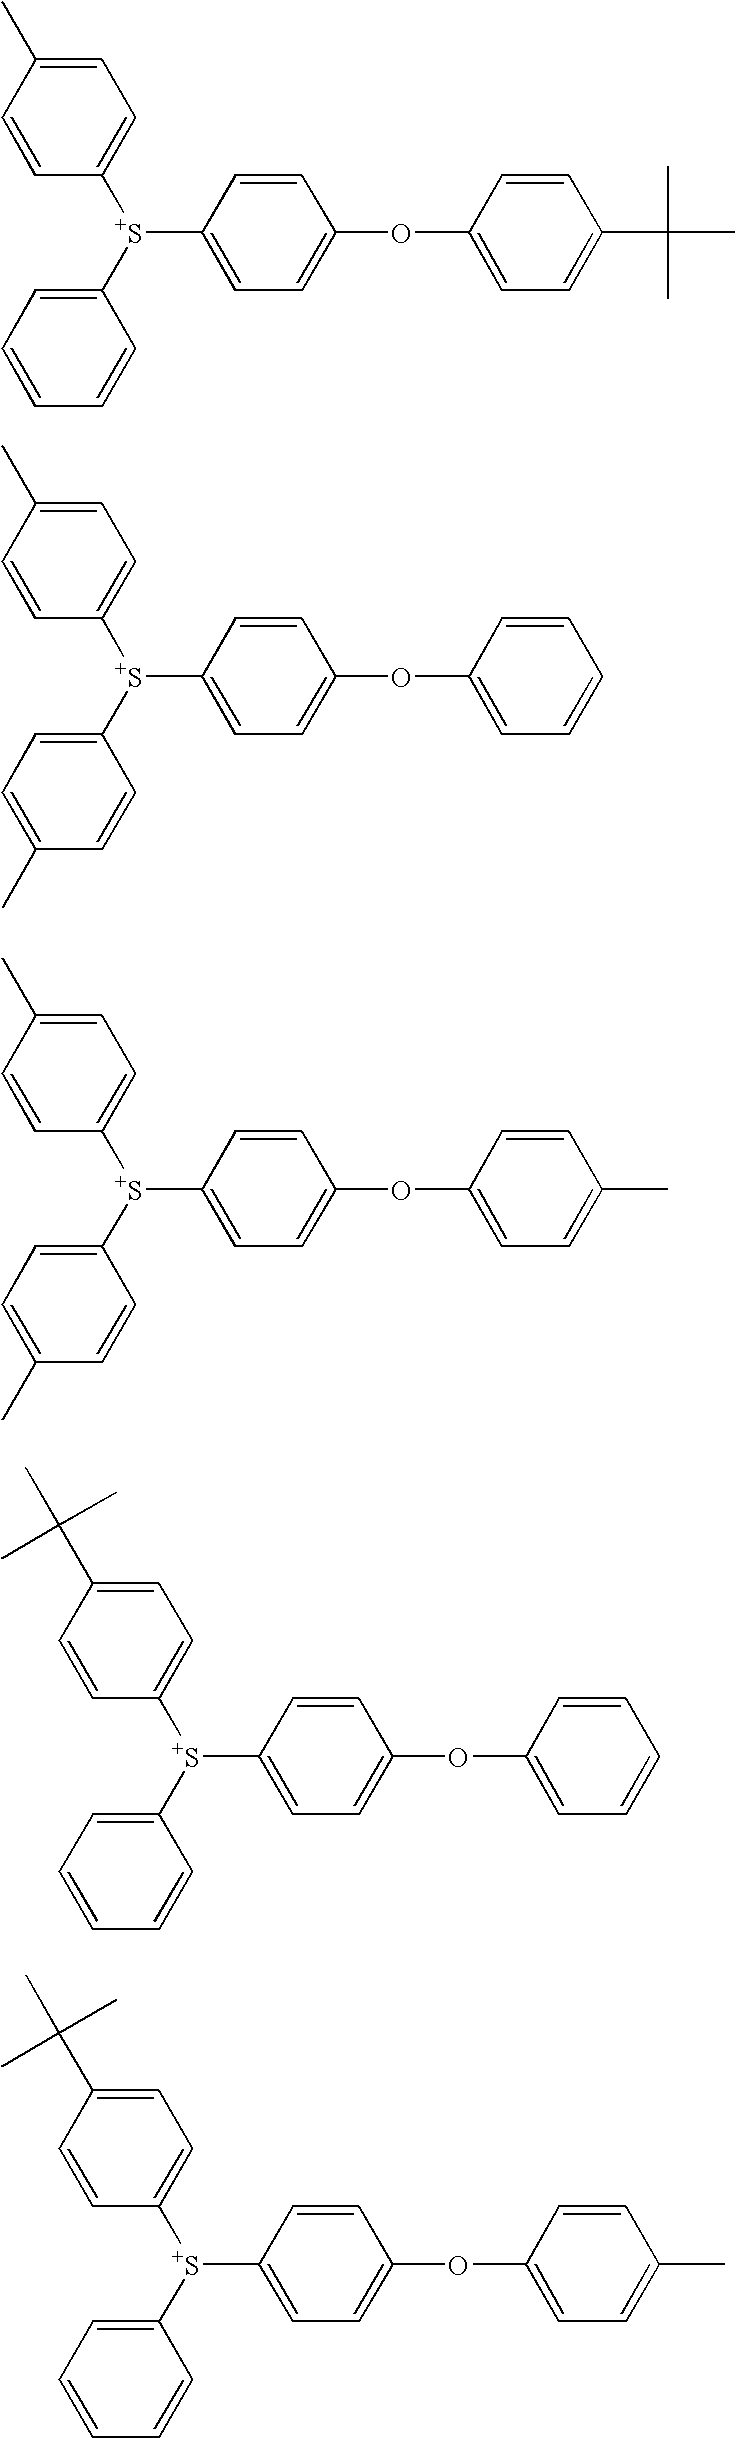 Figure US20060194982A1-20060831-C00024